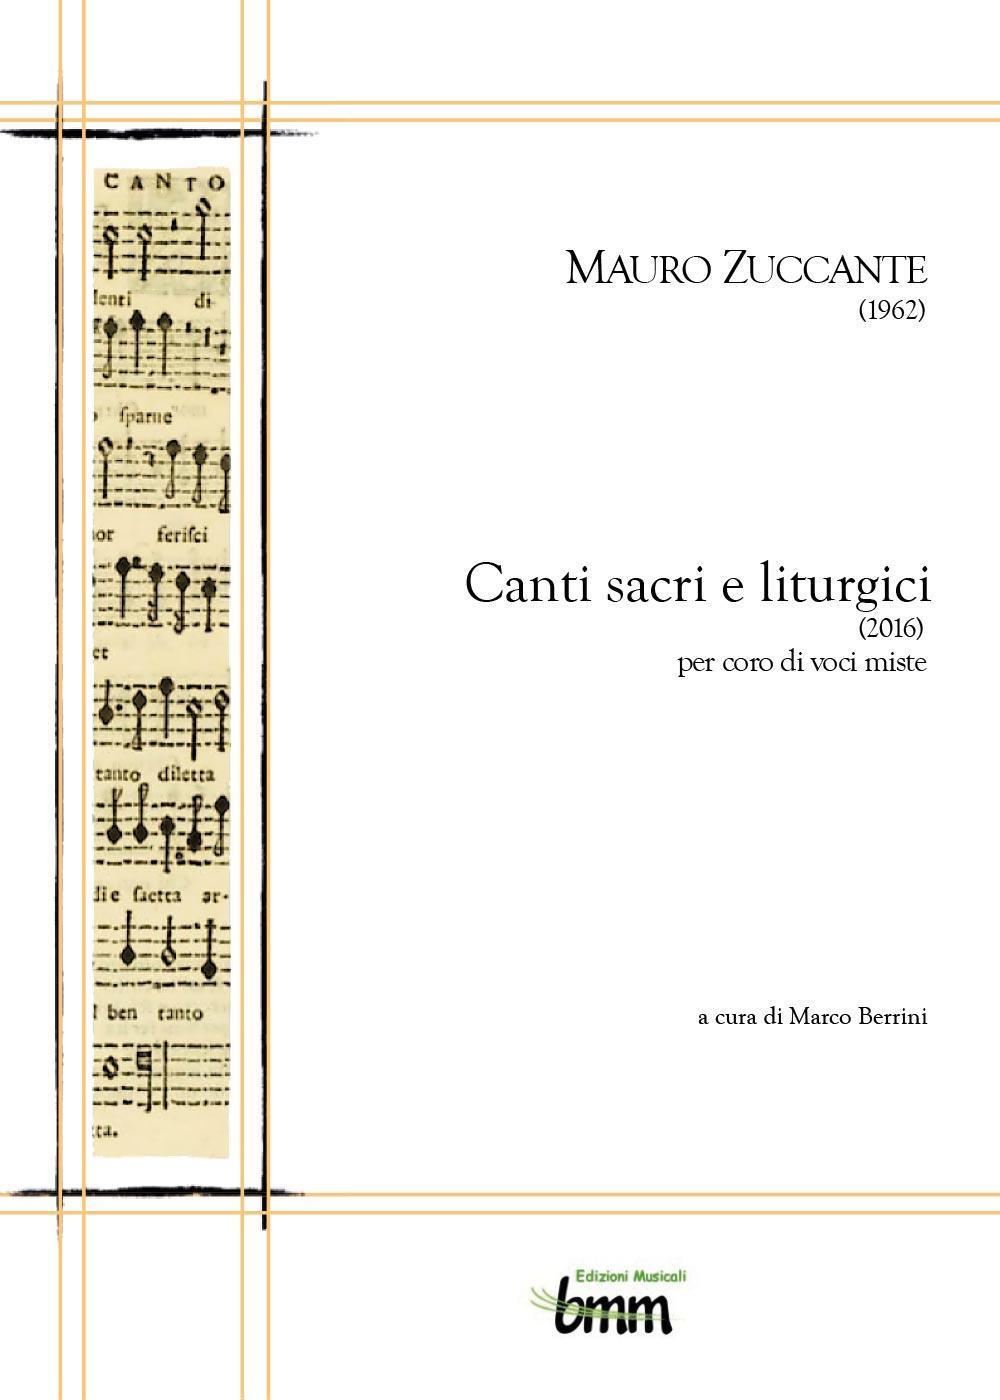 Mauro Zuccante. Canti sacri e liturgici (2016)